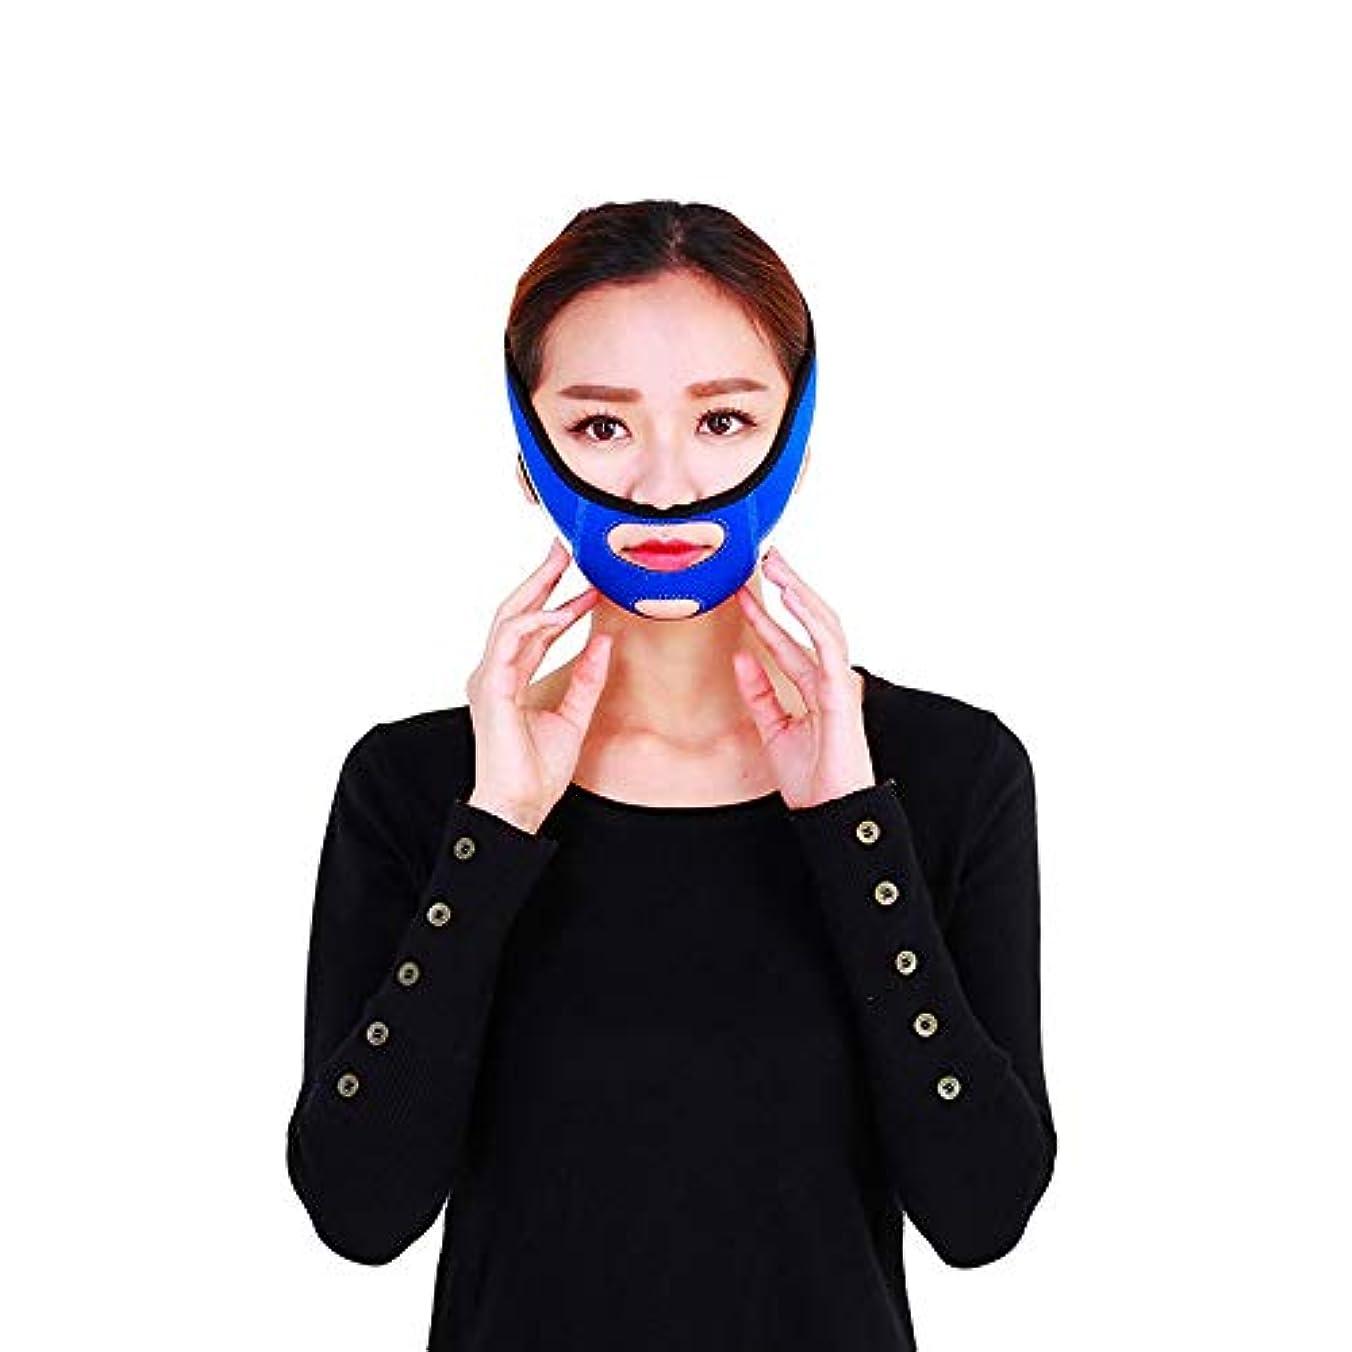 シャイ葡萄誰のMinmin フェイシャルリフティング痩身ベルトフェーススリム二重あごを取り除くアンチエイジングリンクルフェイス包帯マスク整形マスクが顔を引き締める みんみんVラインフェイスマスク